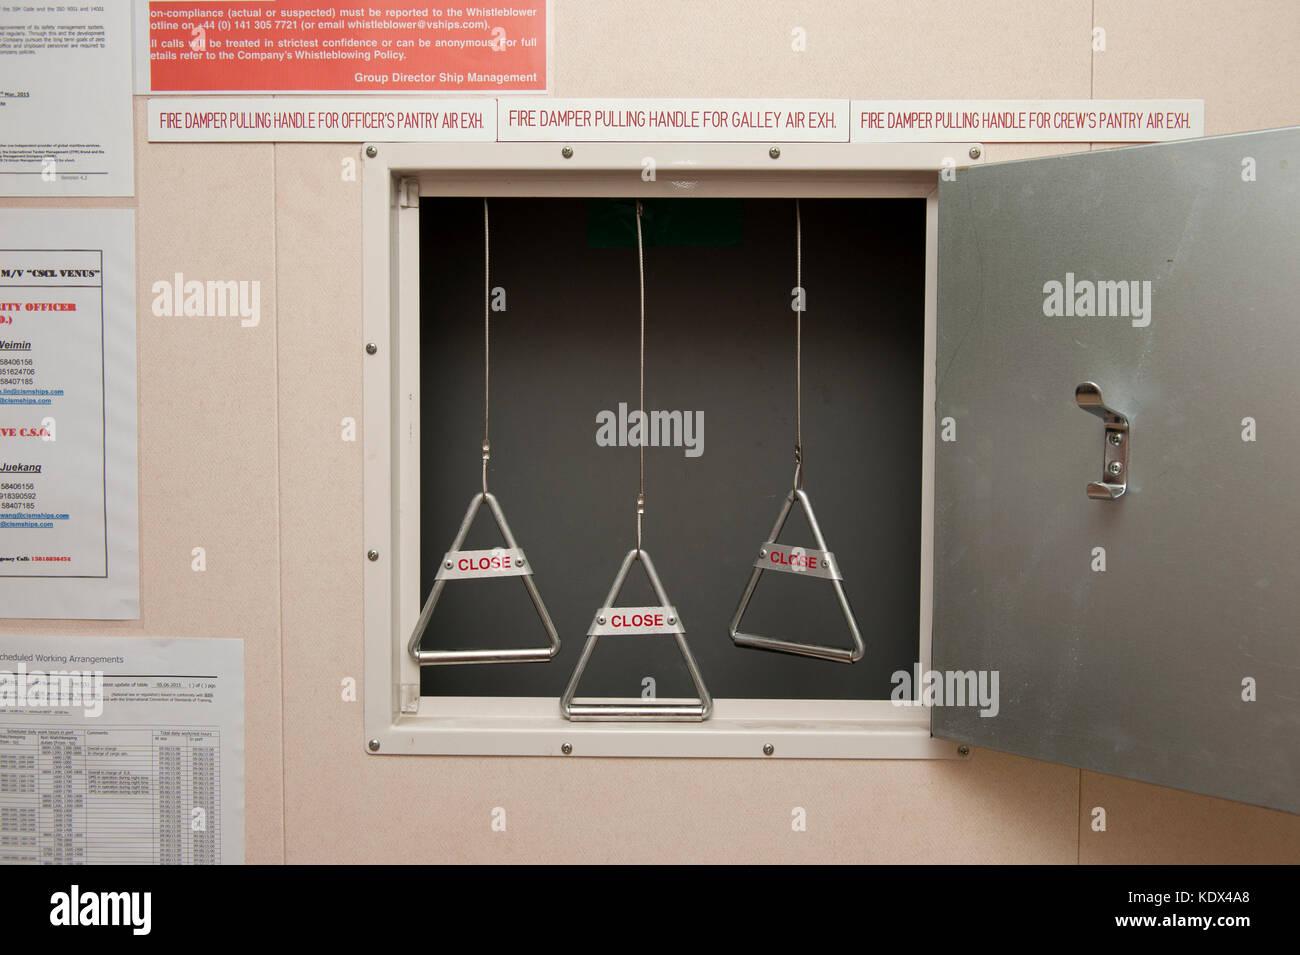 Not Kombüse Brandschutzklappen auf einem Containerschiff Stockbild